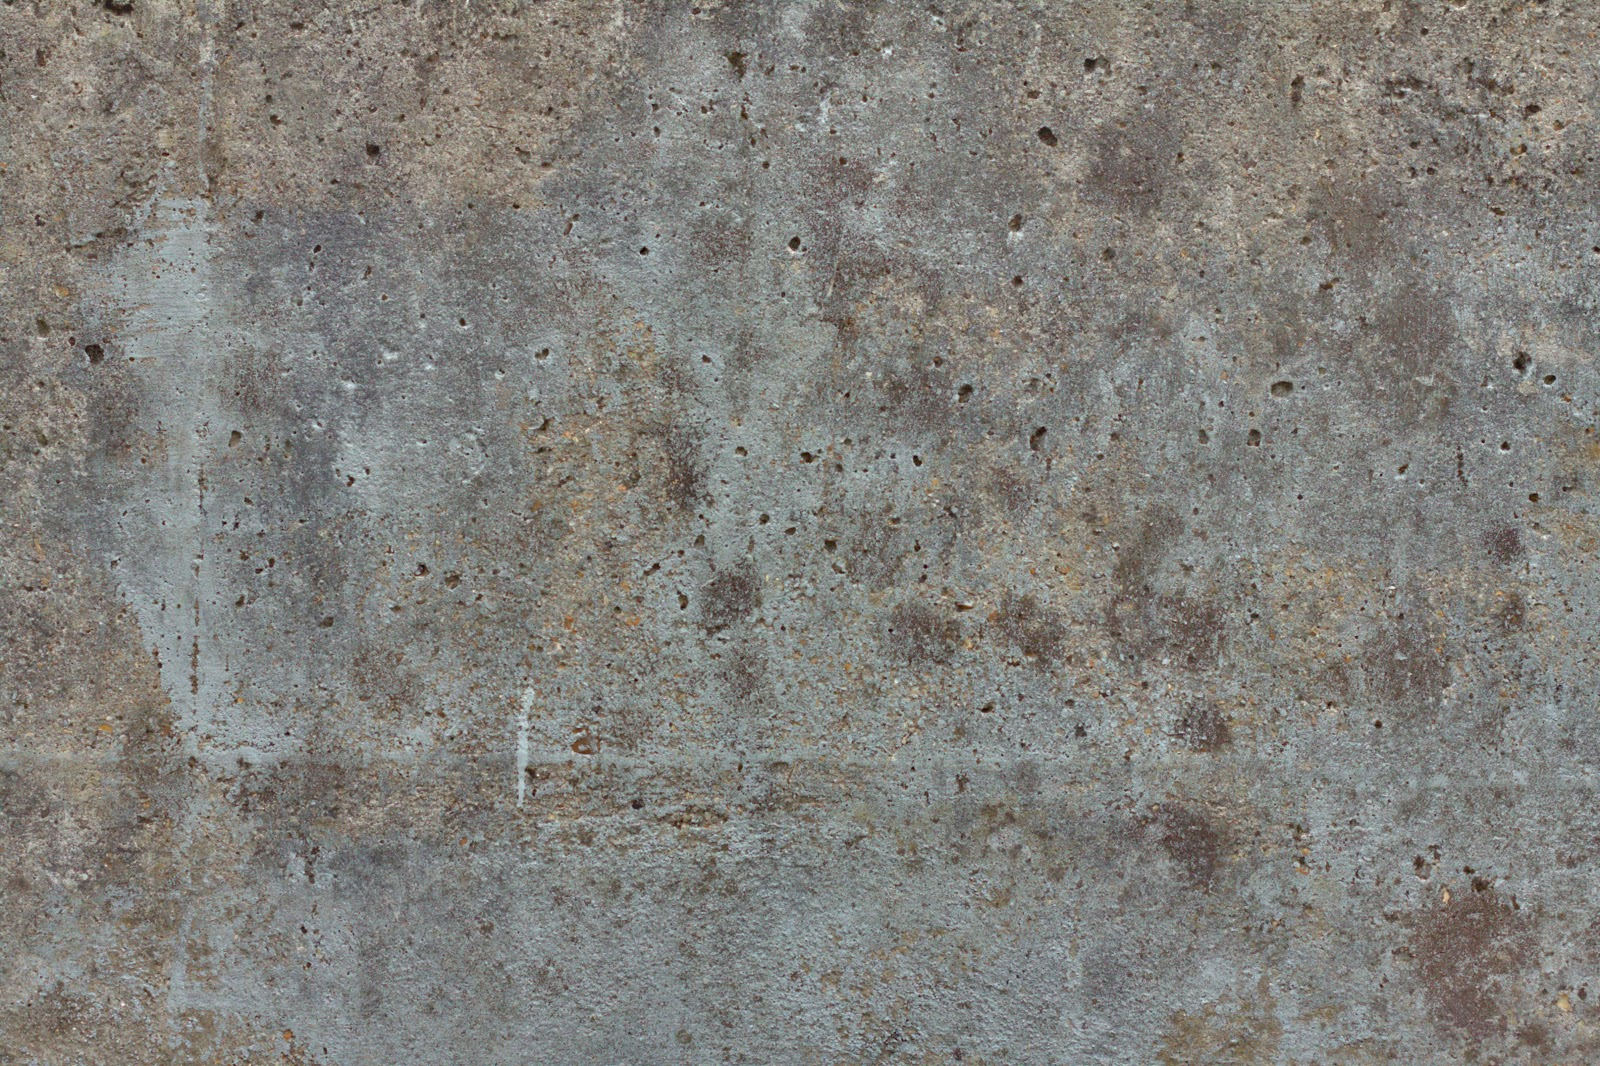 бетонная стена фото в хорошем качестве